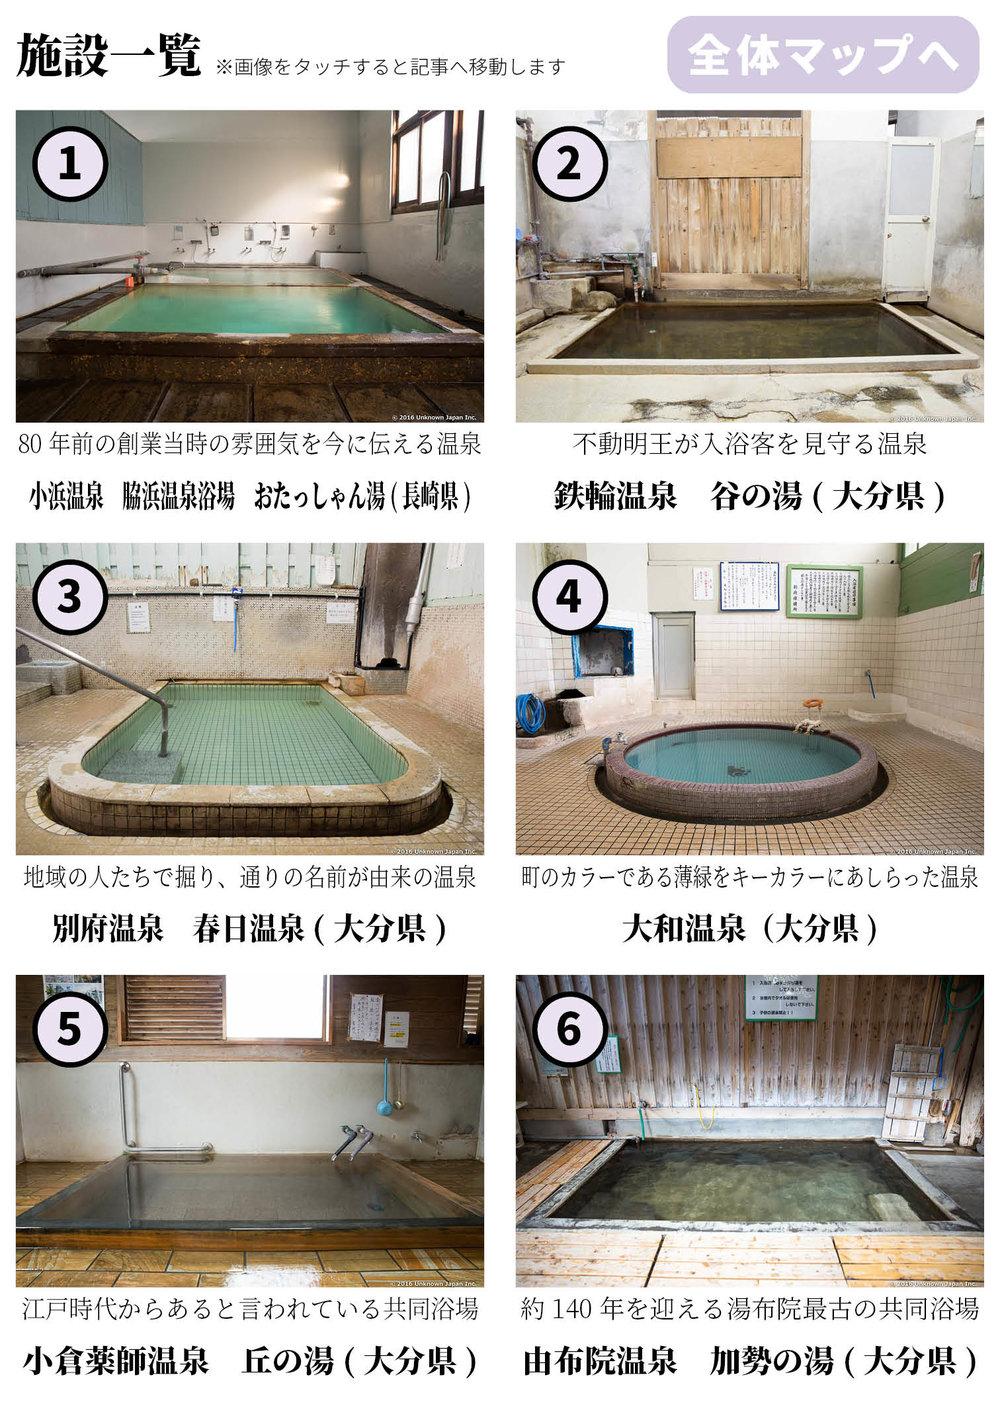 009_地元に根付く共同浴場2.jpg